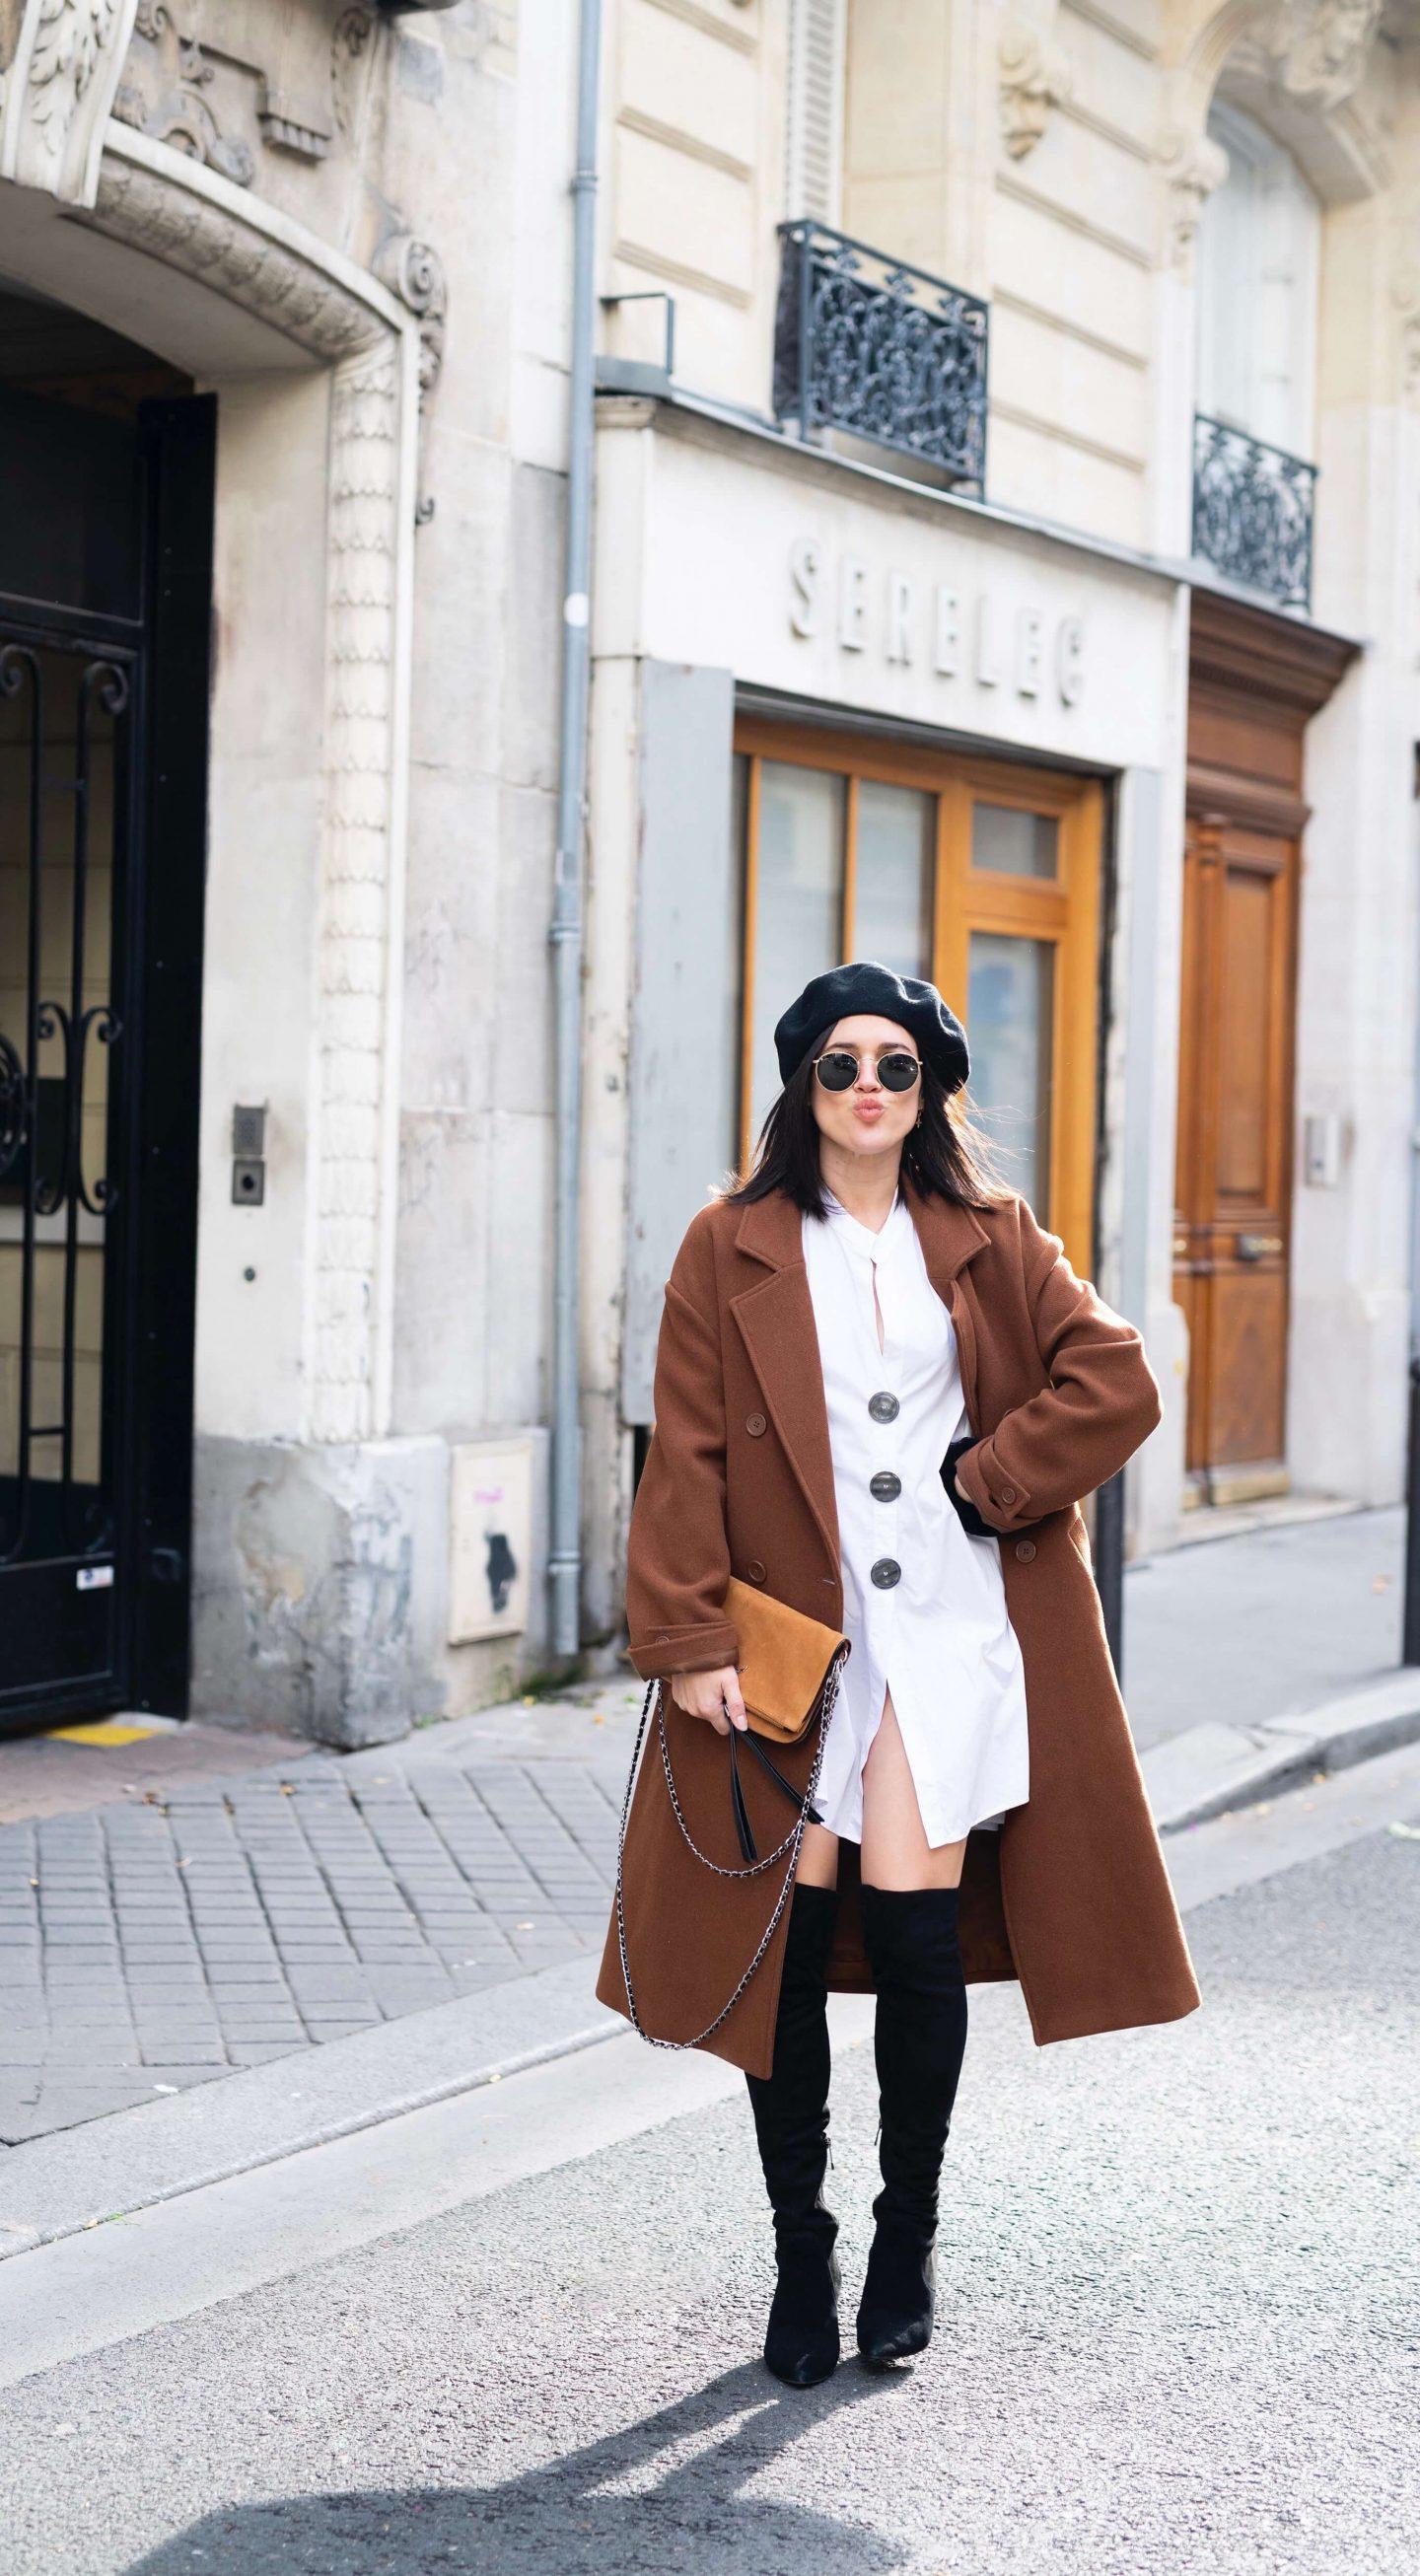 3 ways to wear Trois façons de porter le béret L'atelier d'al latelierdal blog mode fashion lifestyle